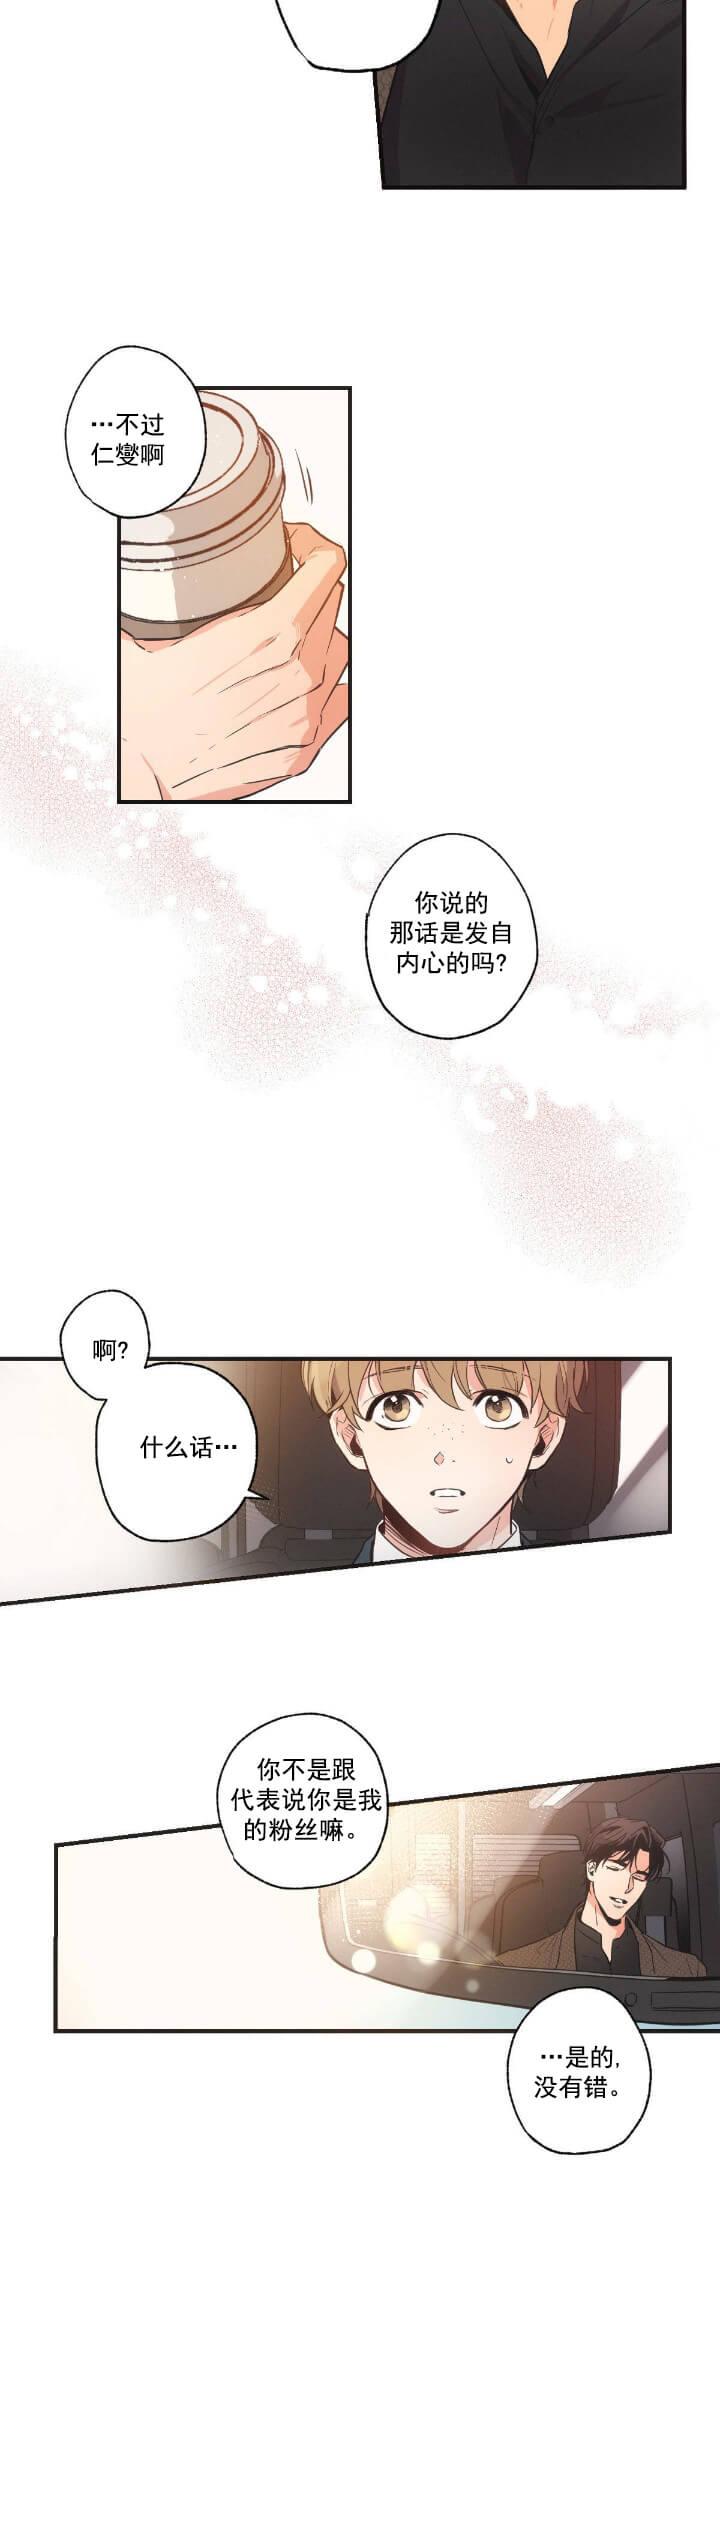 韩漫 |《别用有心的恋爱史》浴室play,全程不打M!  第11张